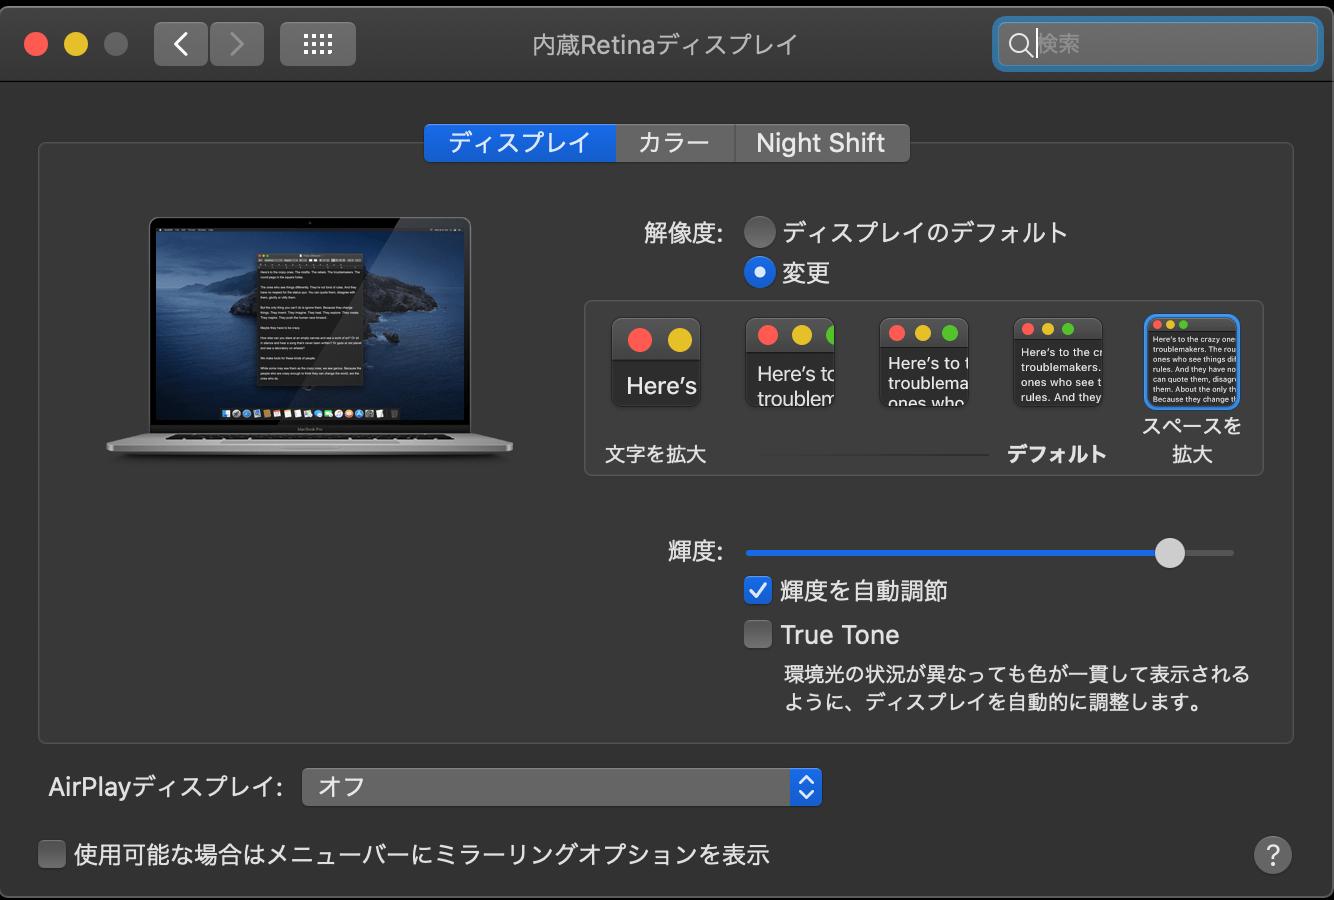 「疑似解像度2048×1280」がとても使いやすい